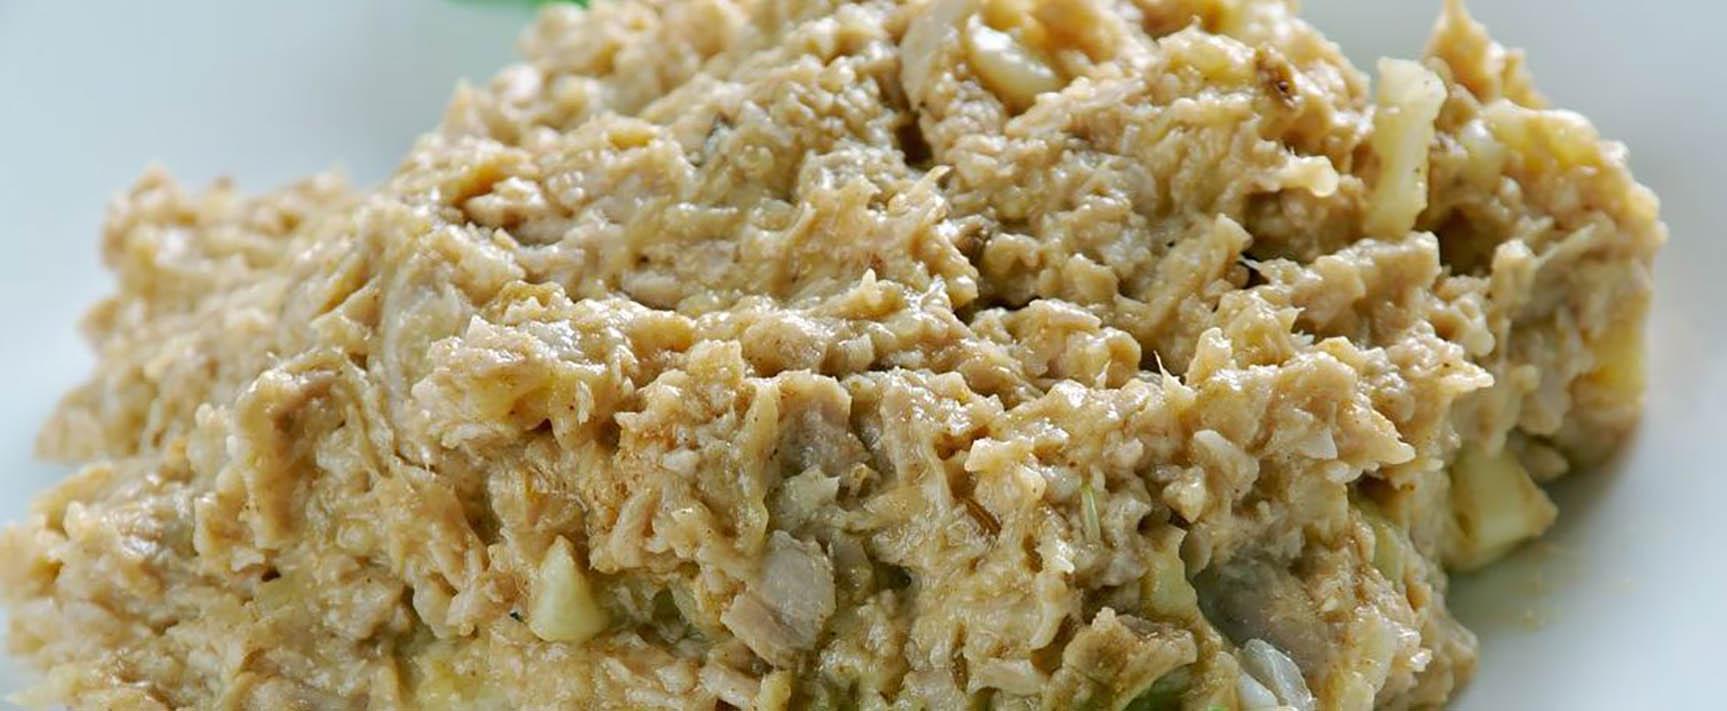 cocina-fufu platano